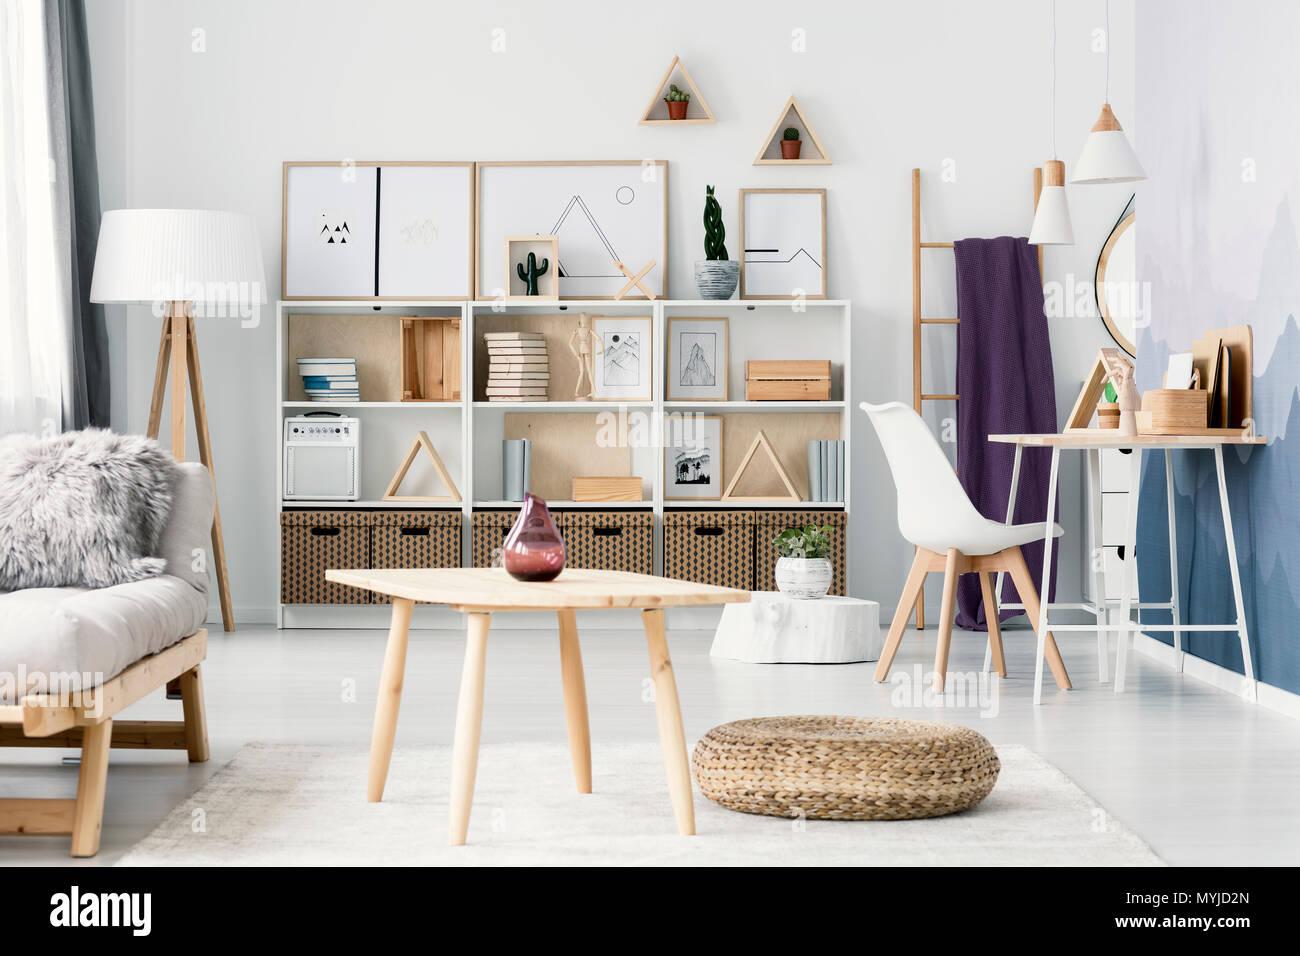 Puff neben einem hölzernen Tisch in open space Einrichtung mit weißen Stuhl am Schreibtisch und Poster an der Wand Stockbild